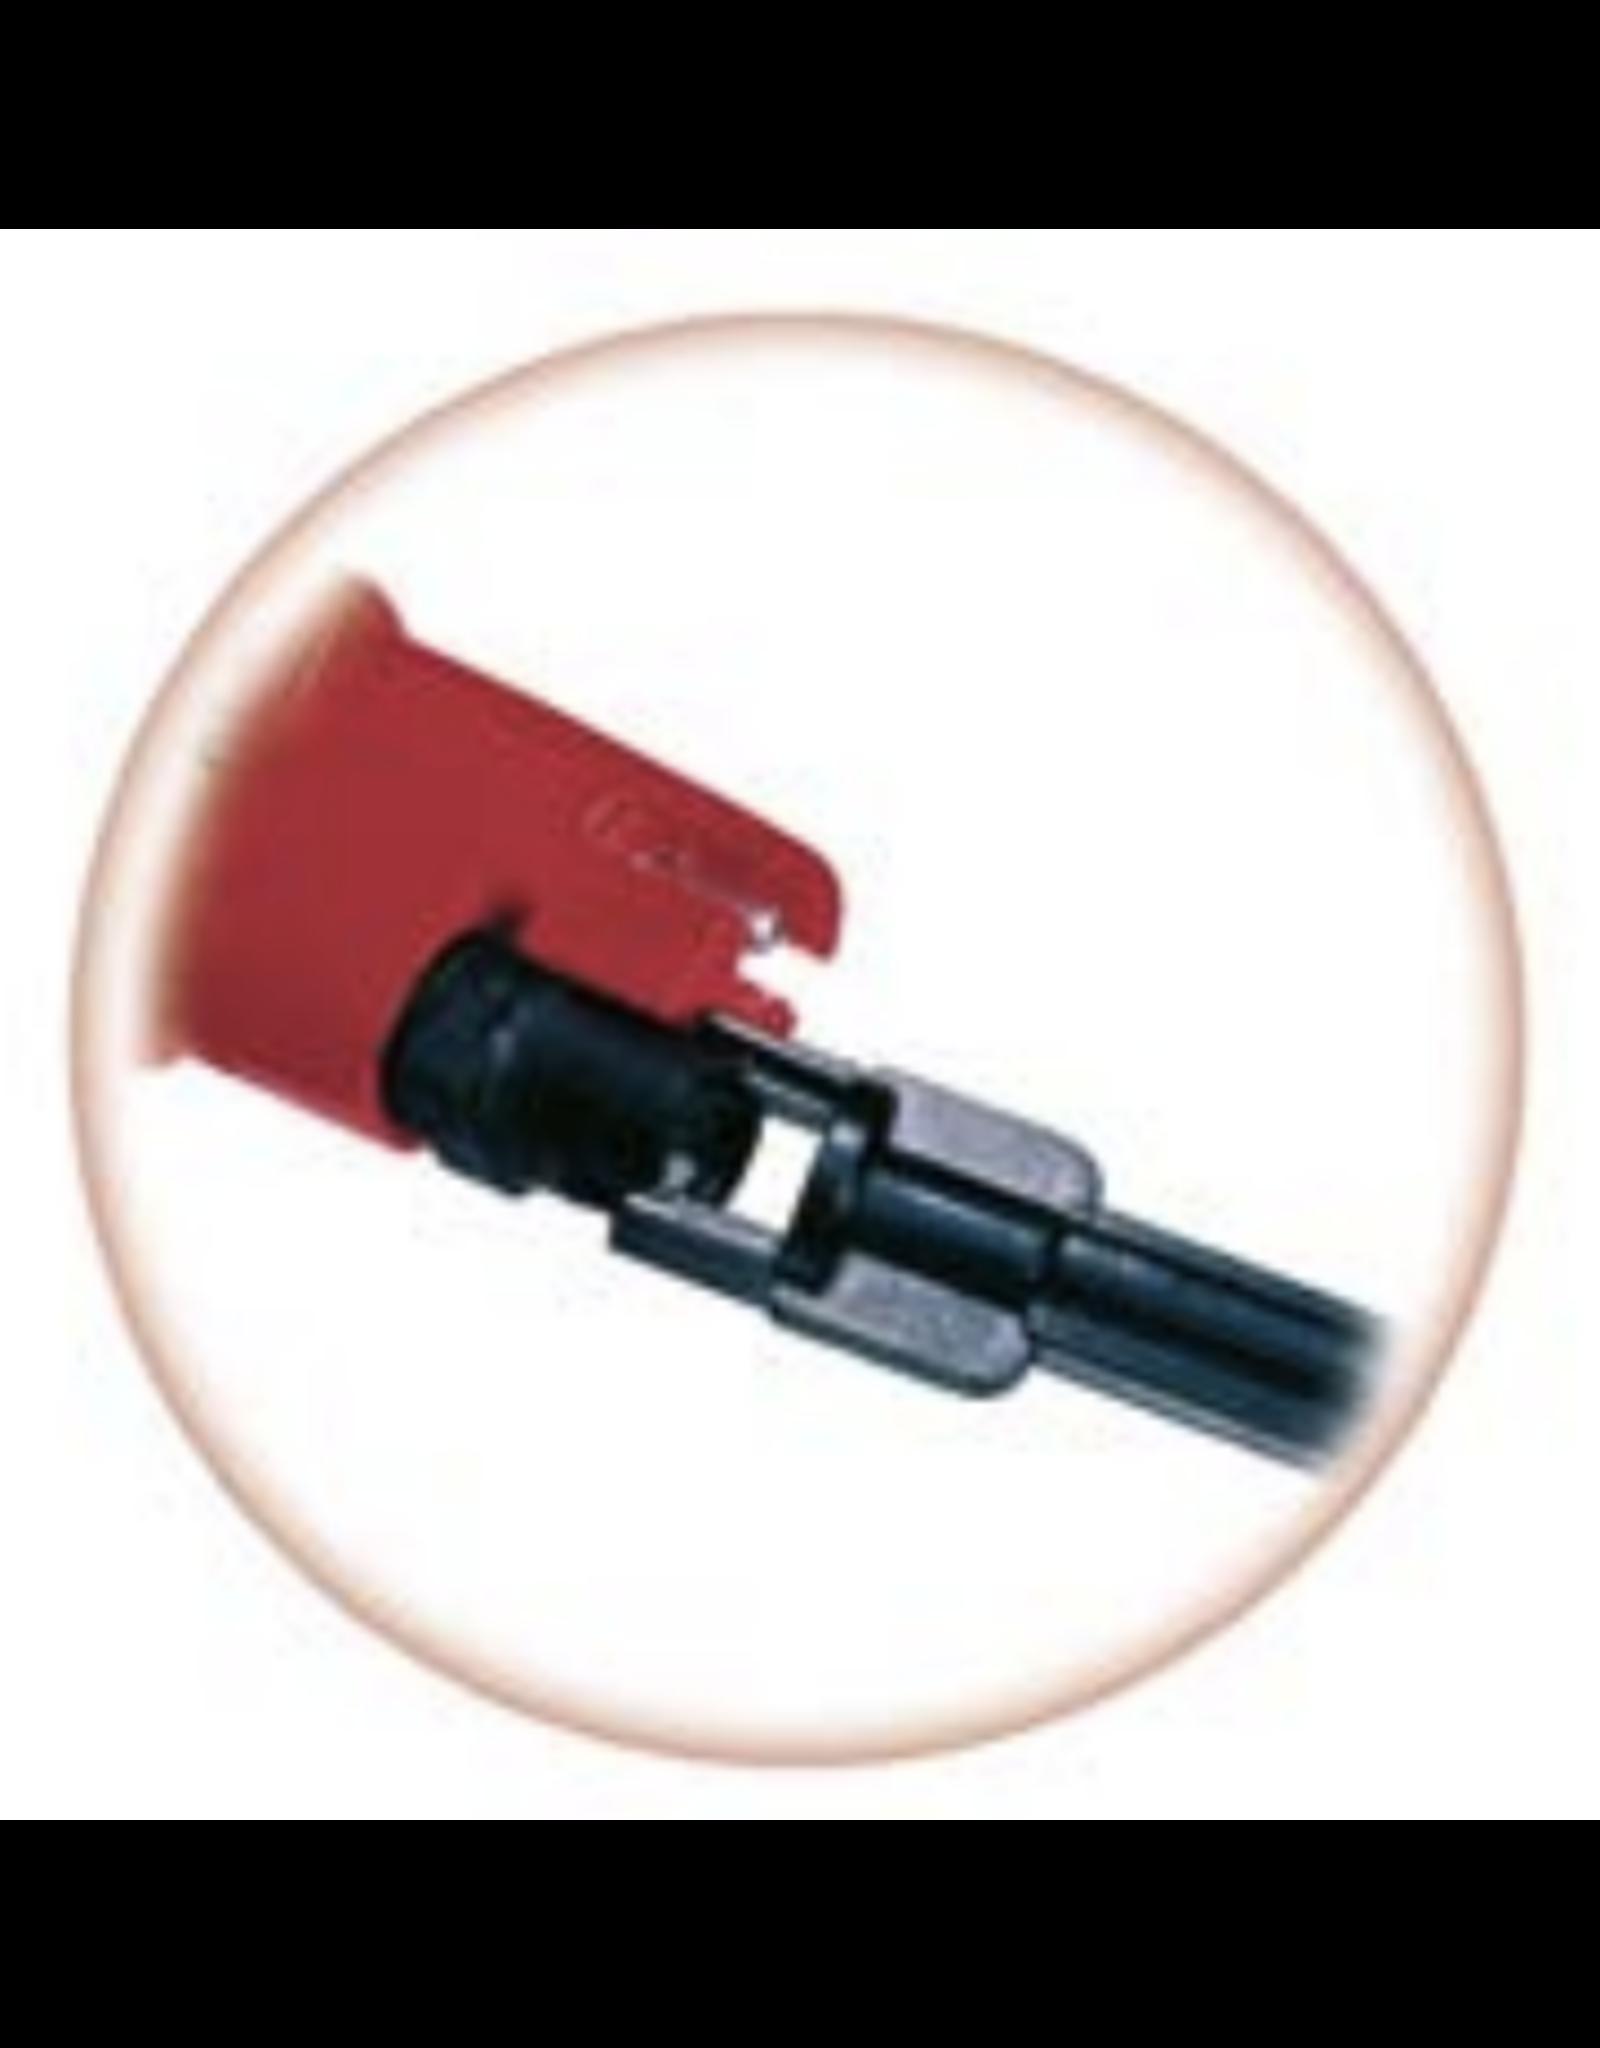 Hanna Instruments HI98127 Checker waterdicht